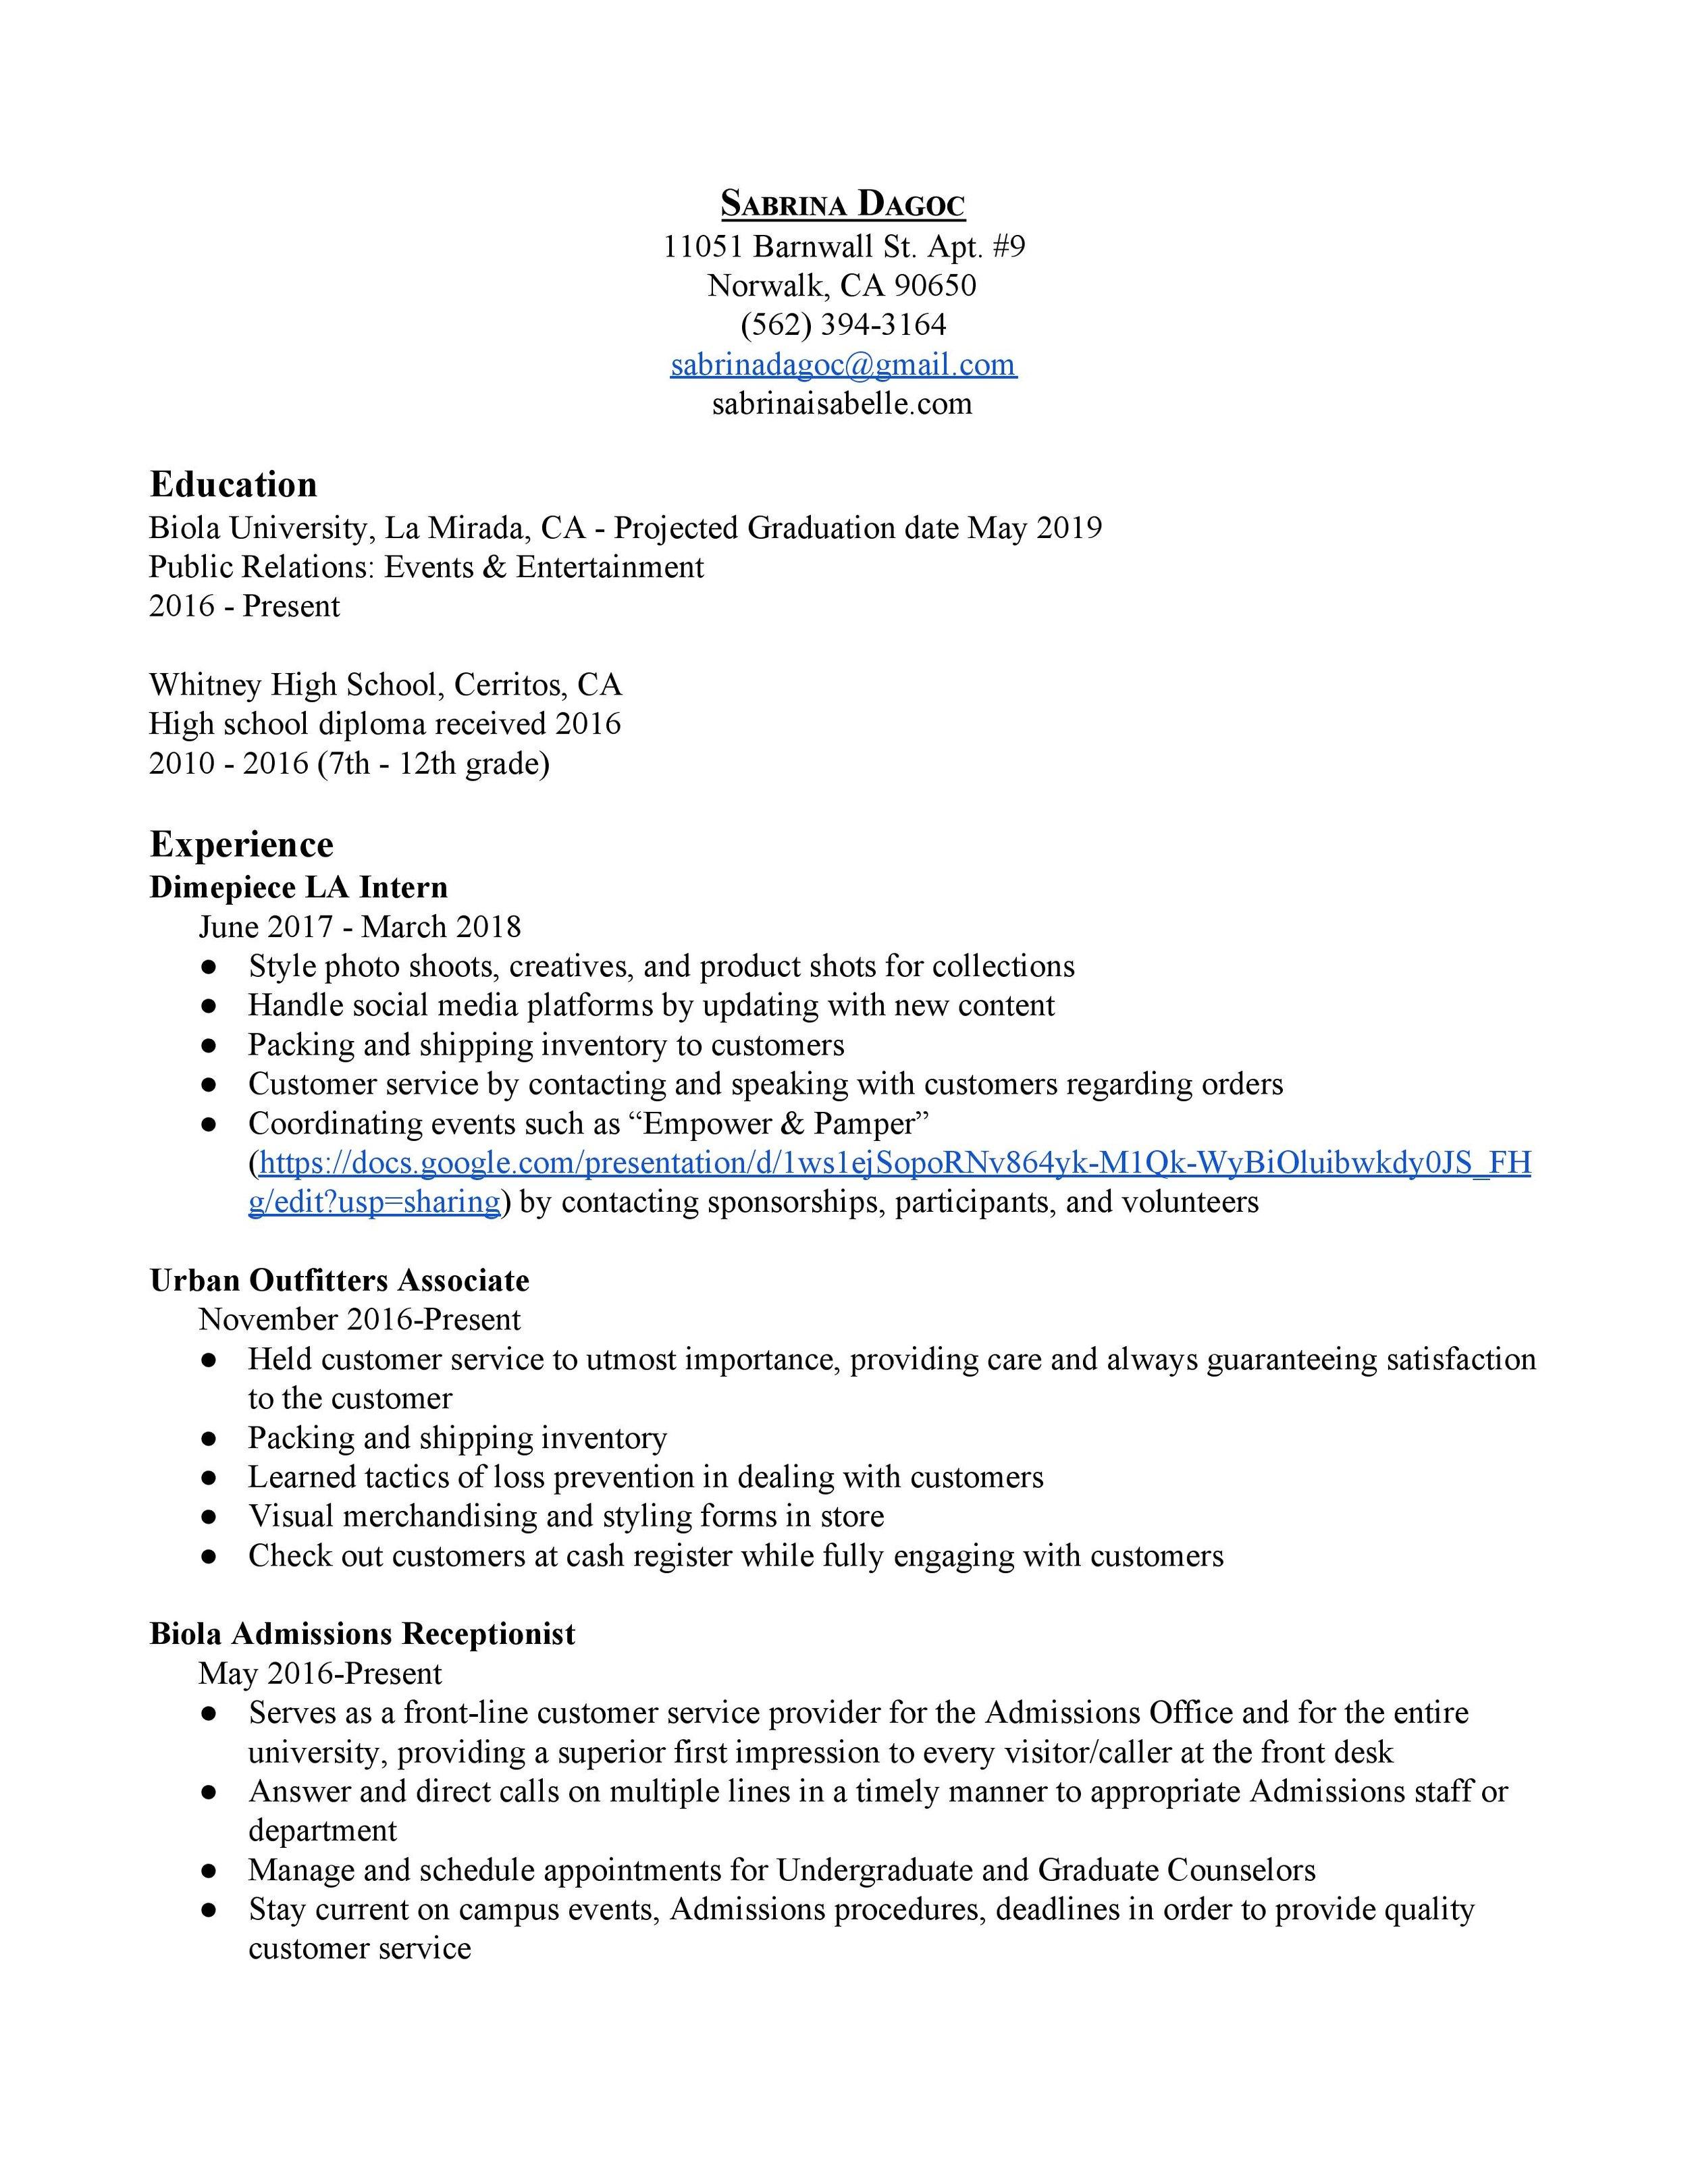 Sabrina s Resume (1)-page-001.jpg